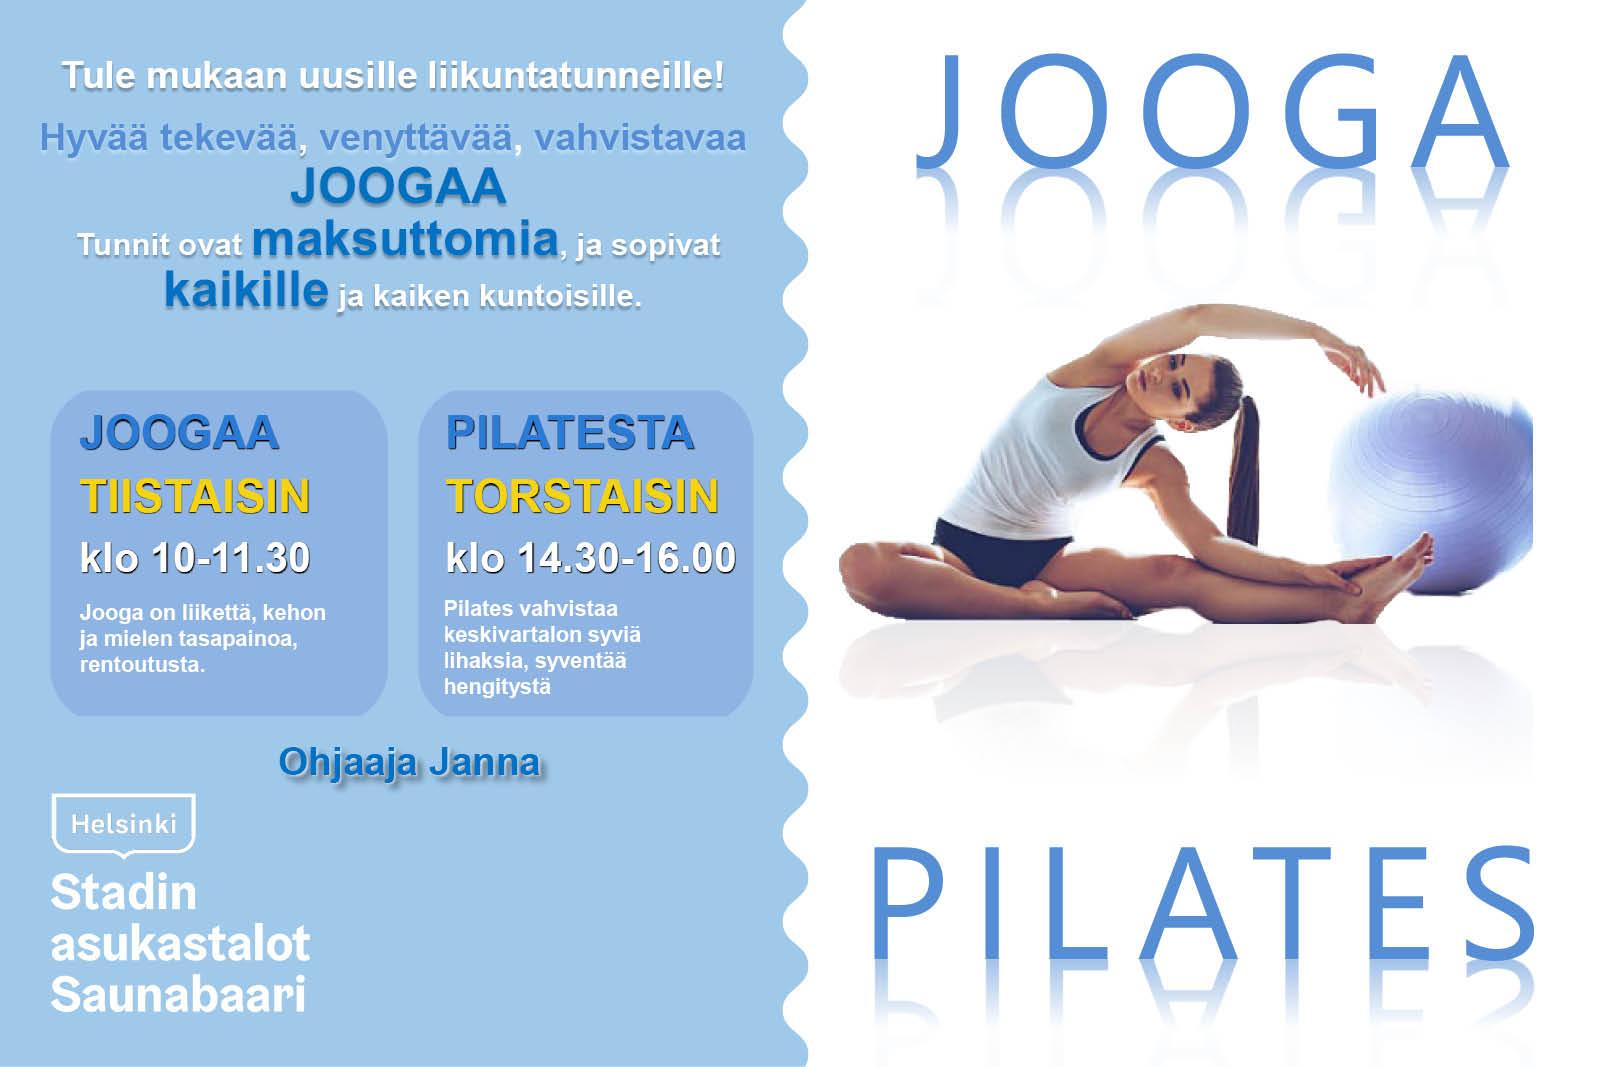 Link to event Jooga ja Pilates